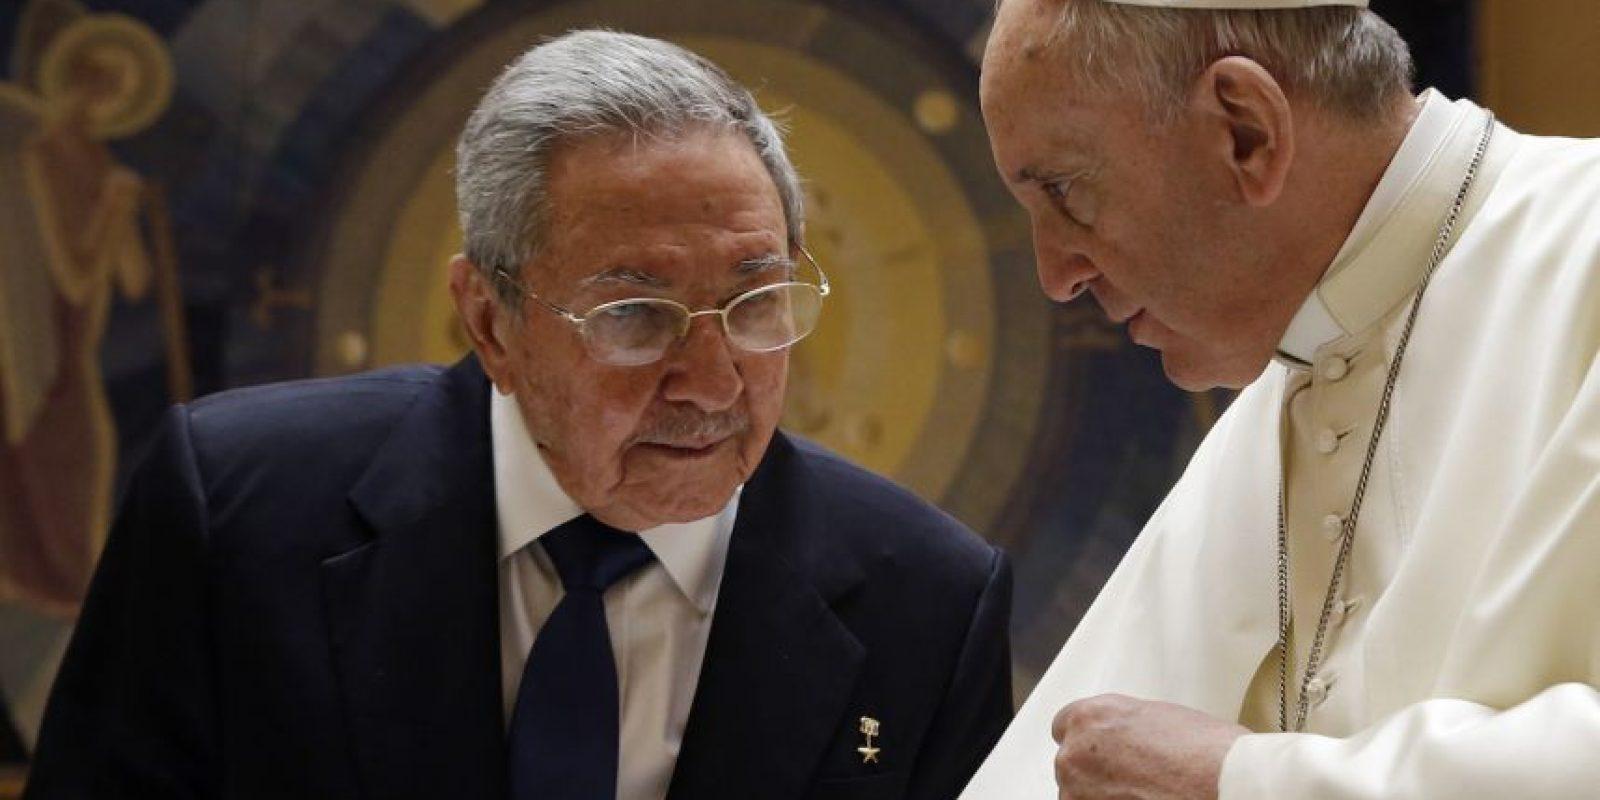 El papa Francisco recibe al presidente de Cuba, Raúl Castro en El Vaticano. Foto:AFP